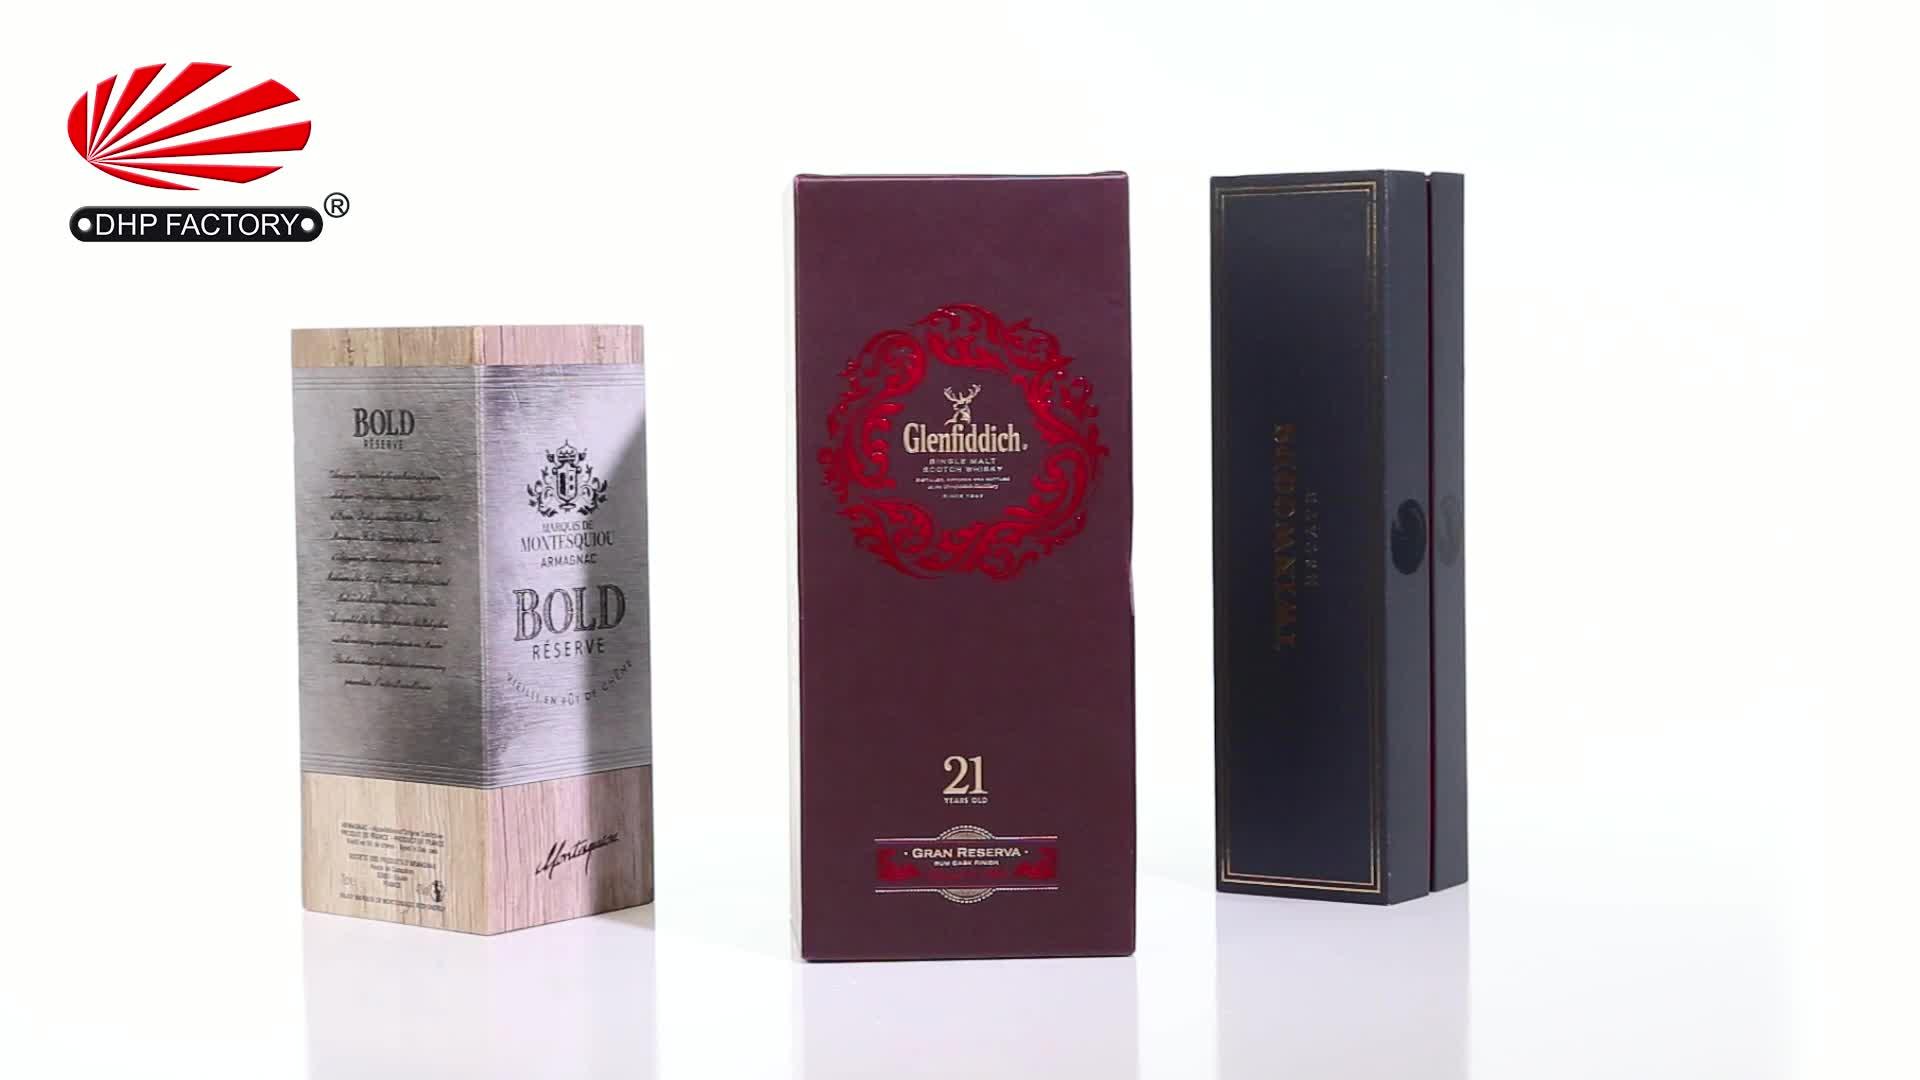 พิเศษที่กำหนดเองการออกแบบโฟม Luxury กระดาษบรรจุภัณฑ์กระดาษแข็งไวน์แก้วของขวัญกล่อง